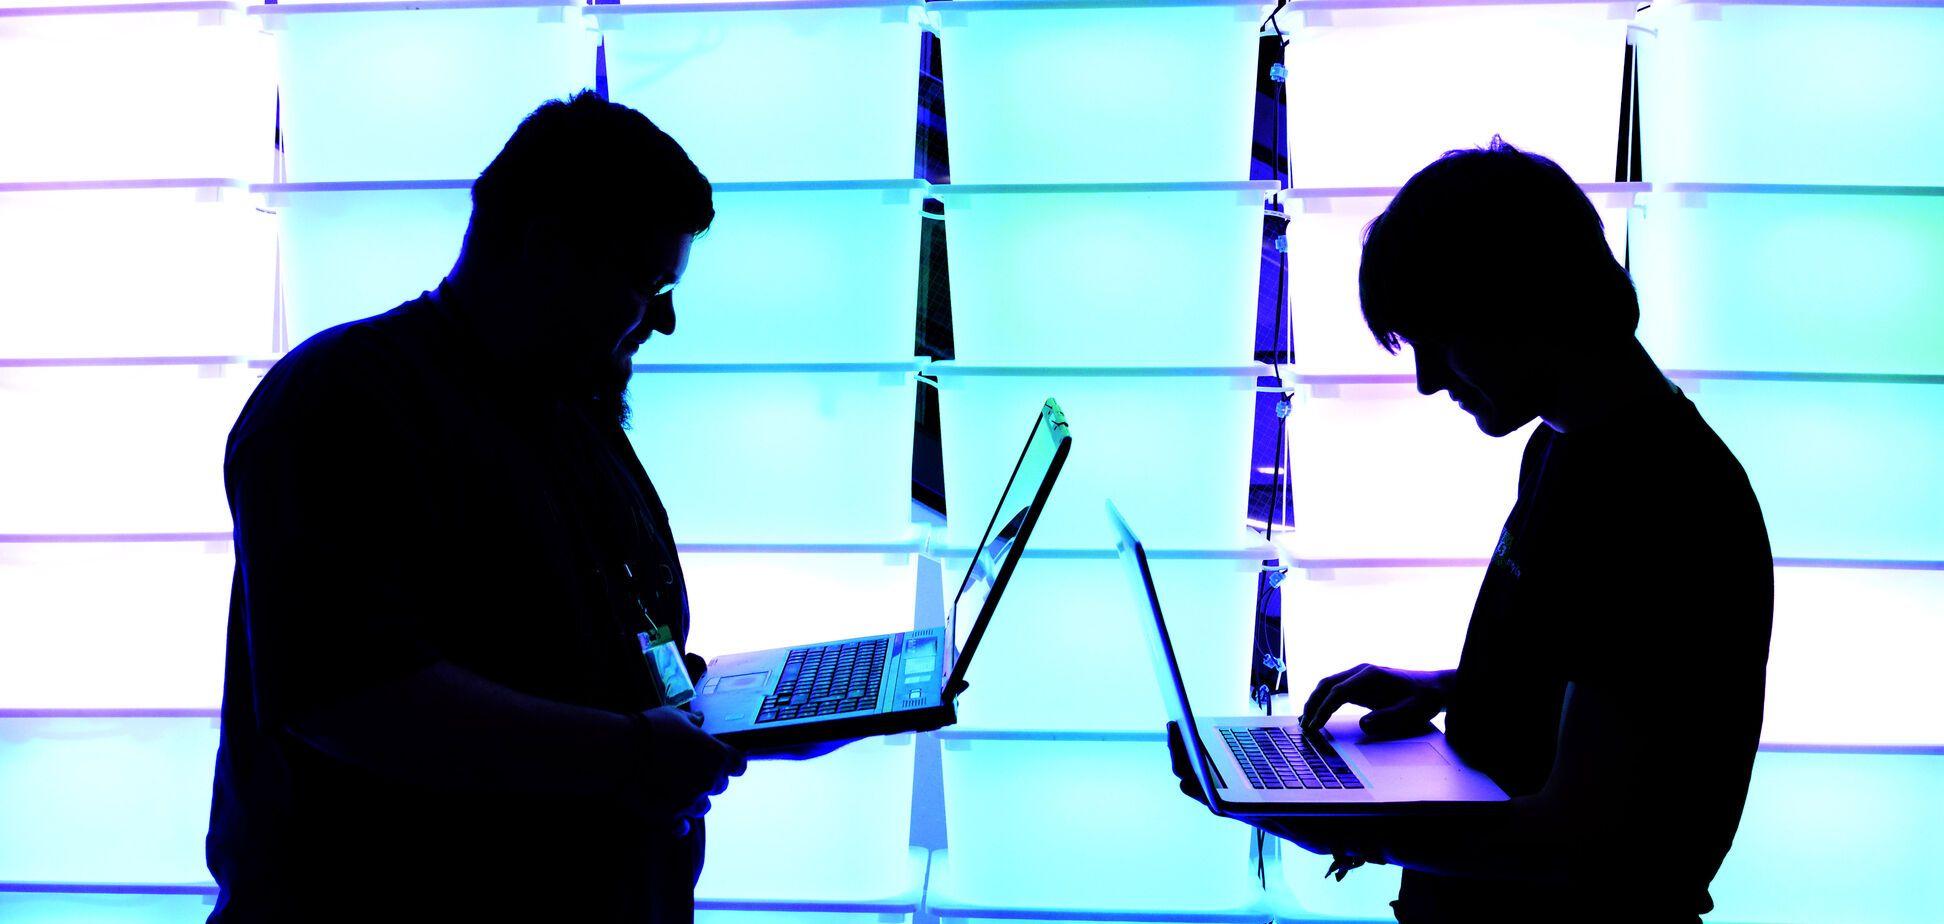 Мошенники ждут: как не попасться на новый 'развод' в интернете